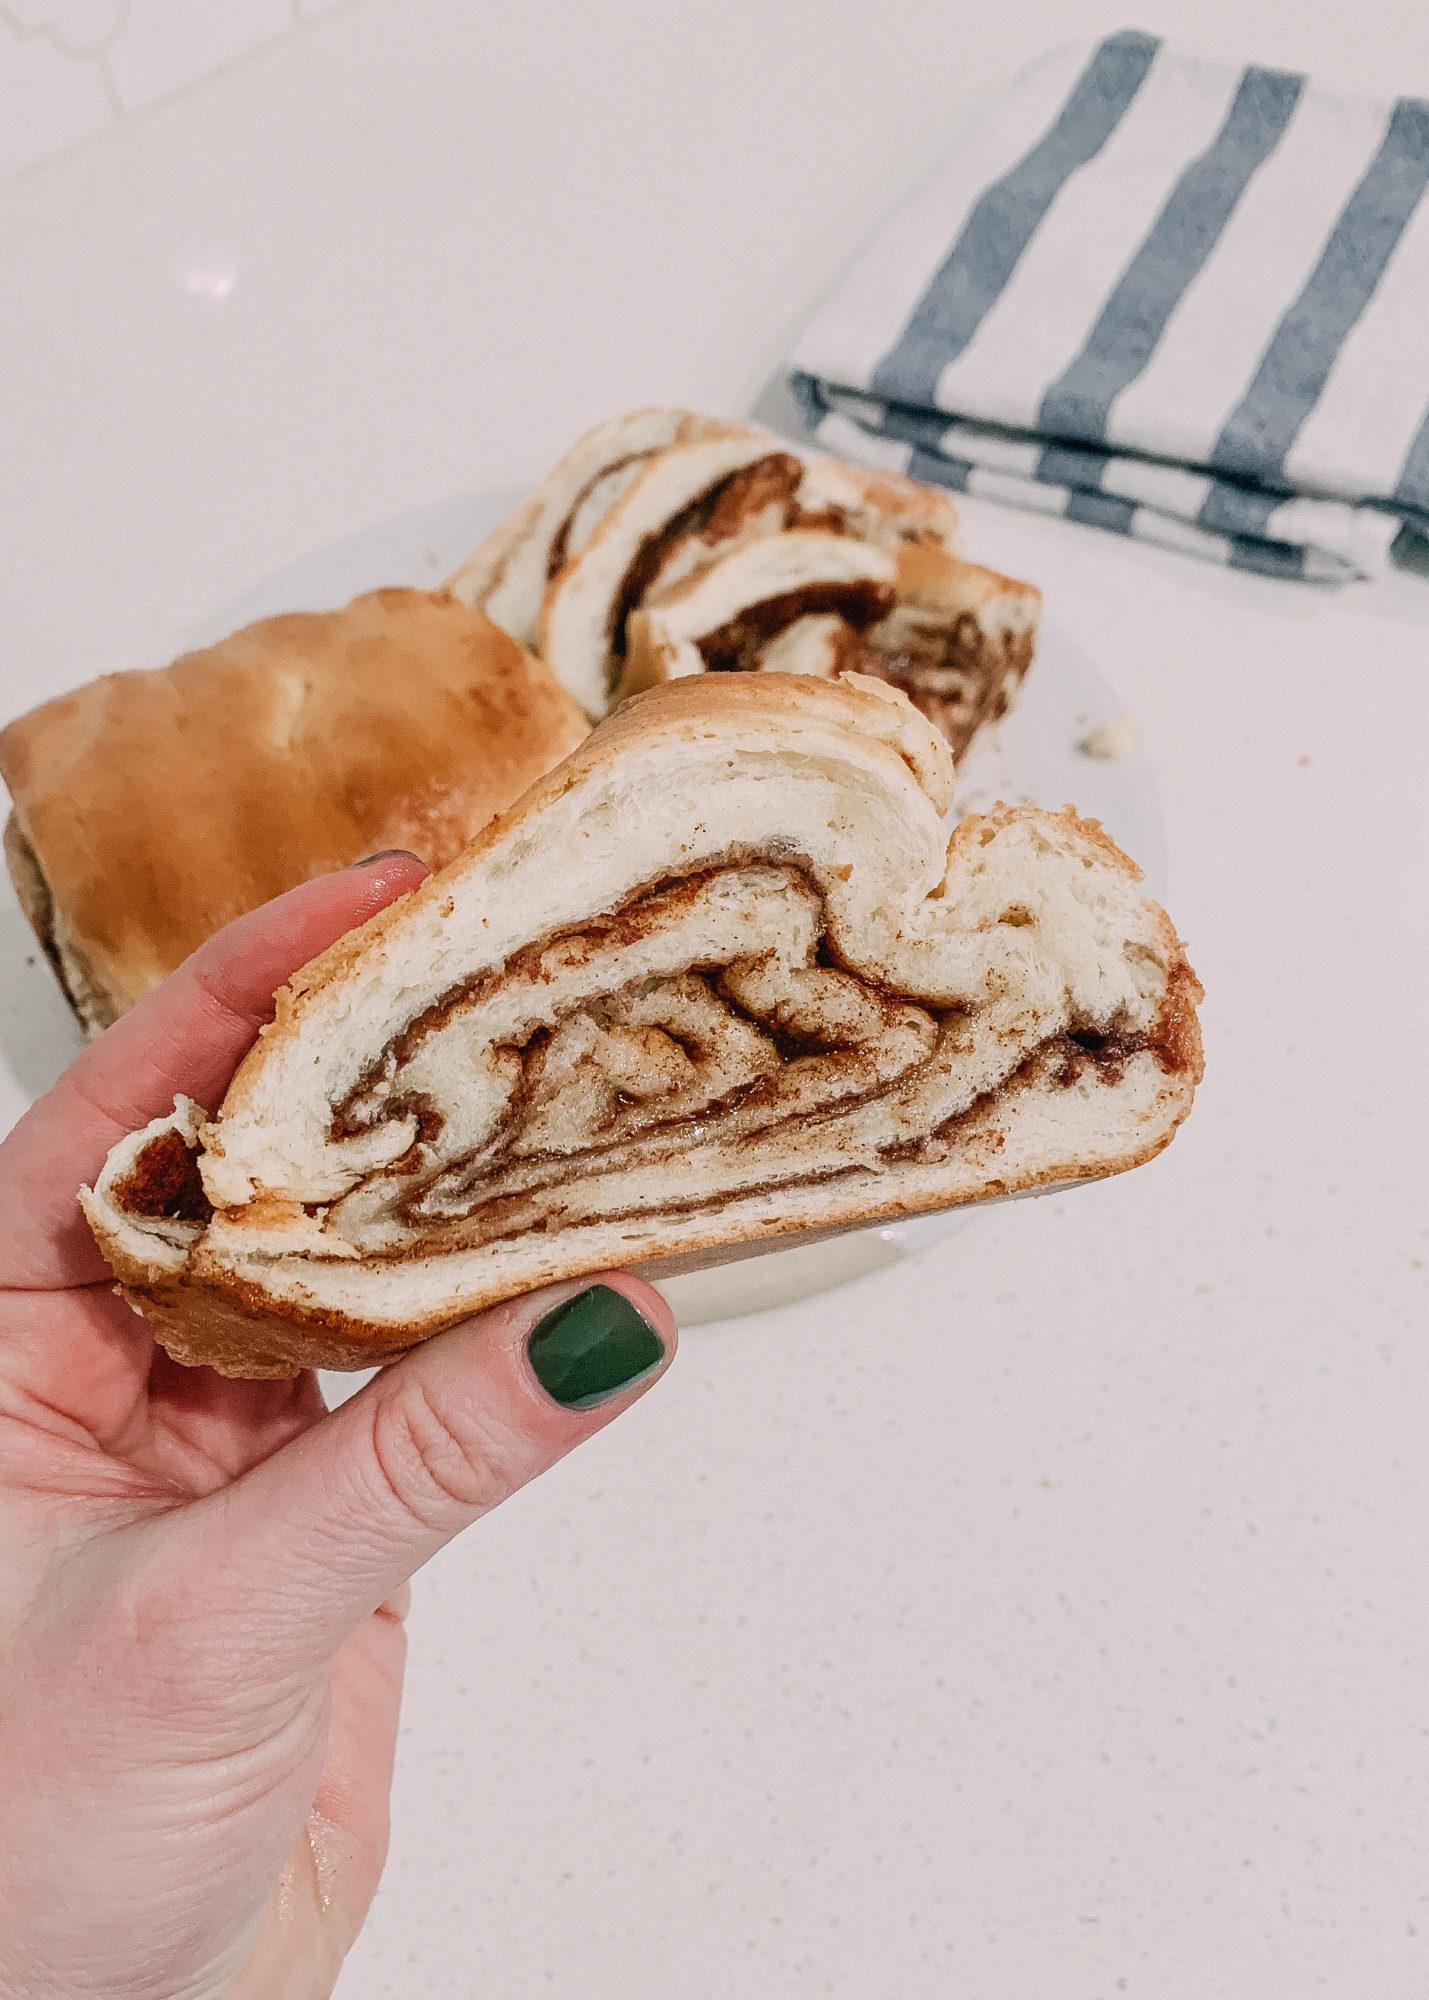 easy cinnamon swirl bread recipe / fluffy, soft cinnamon bread recipe homemade